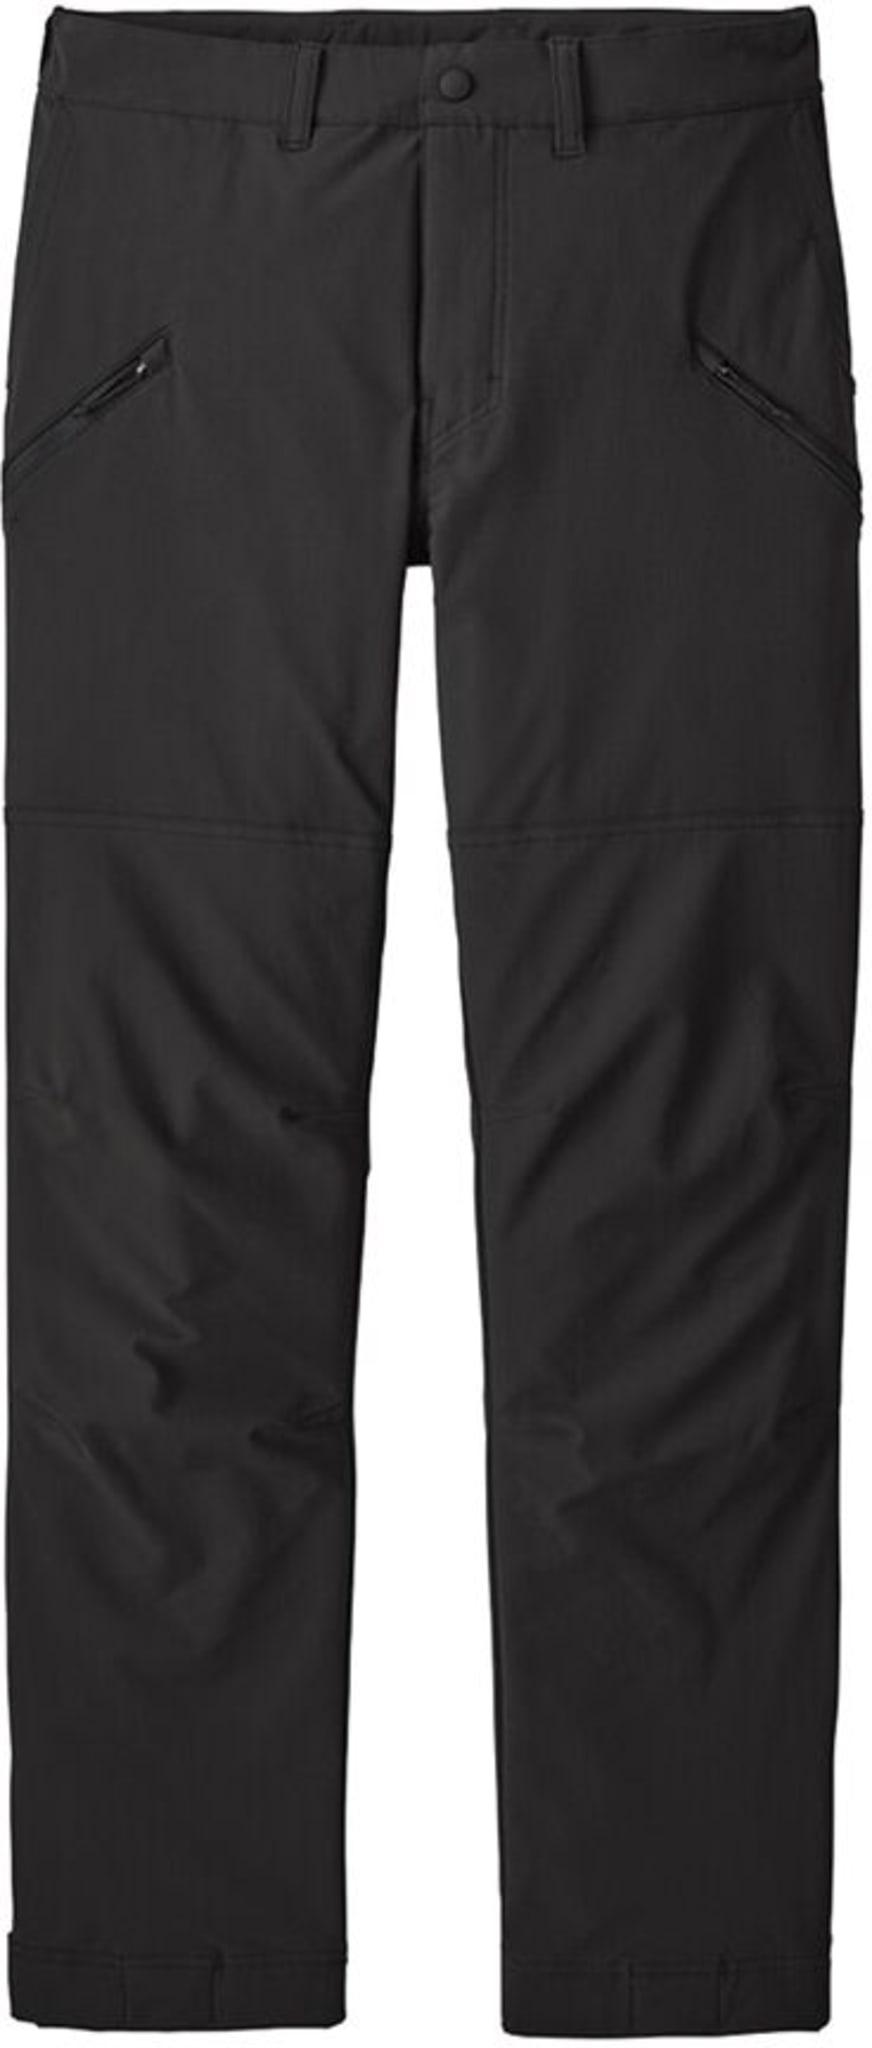 Stretchy bukser til utendørs aktivitet!